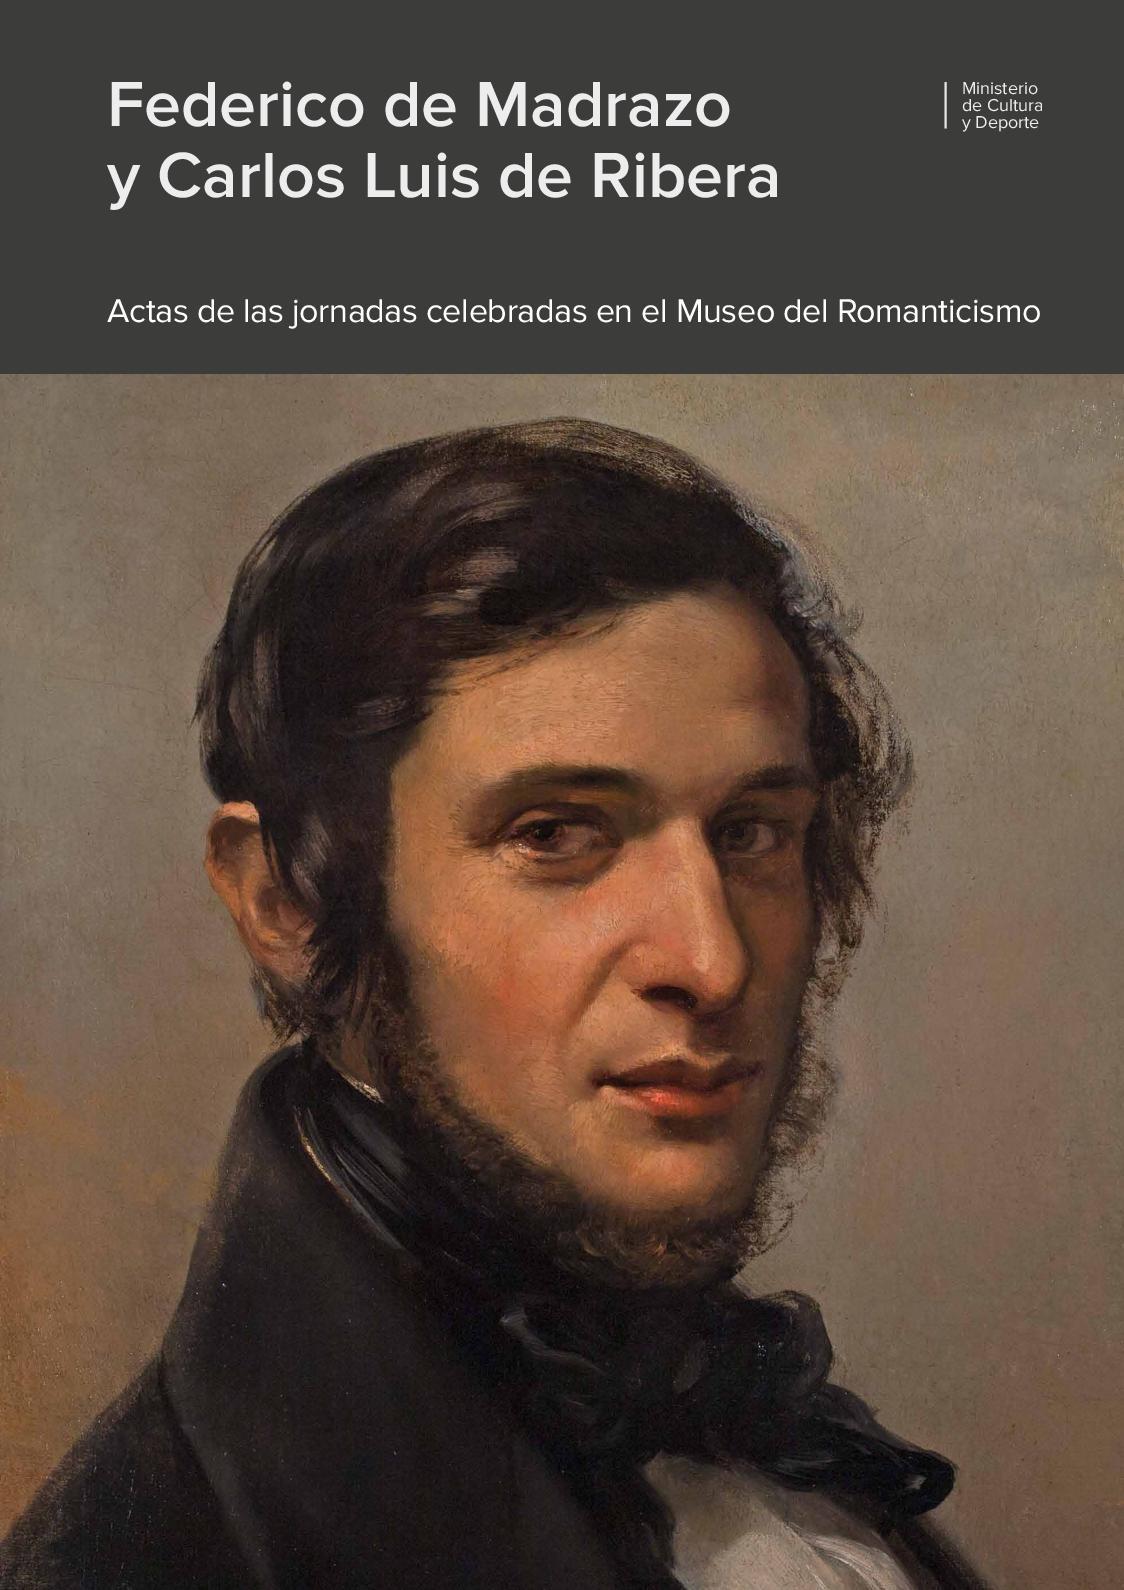 eda050196 Calaméo - Federico de Madrazo y Carlos Luis de Ribera. Pintores del  Romanticismo españo